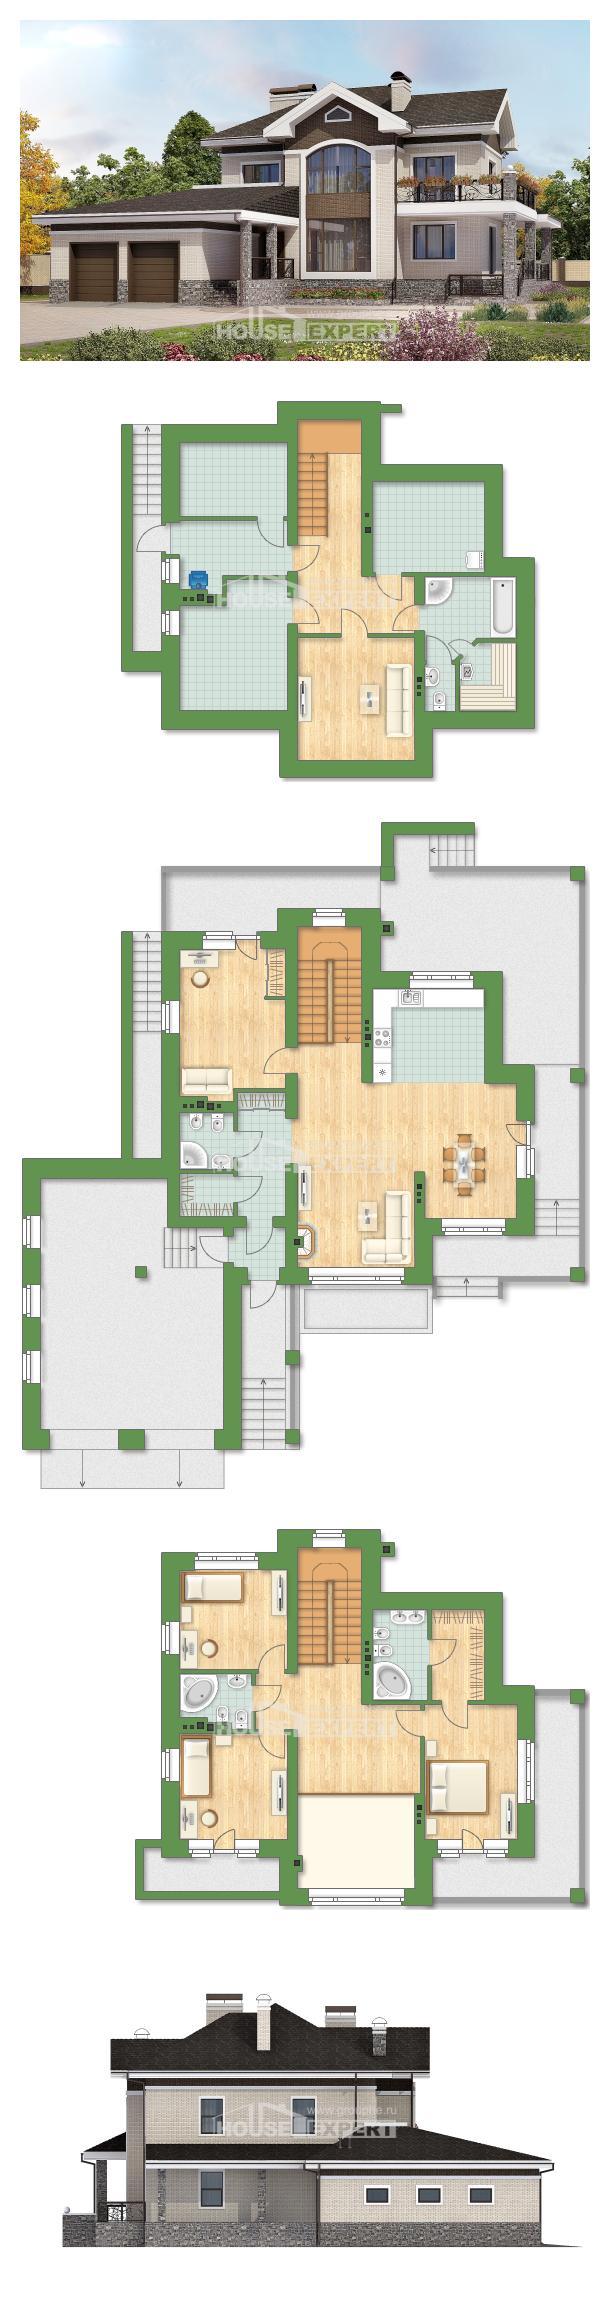 Plan 365-001-L | House Expert